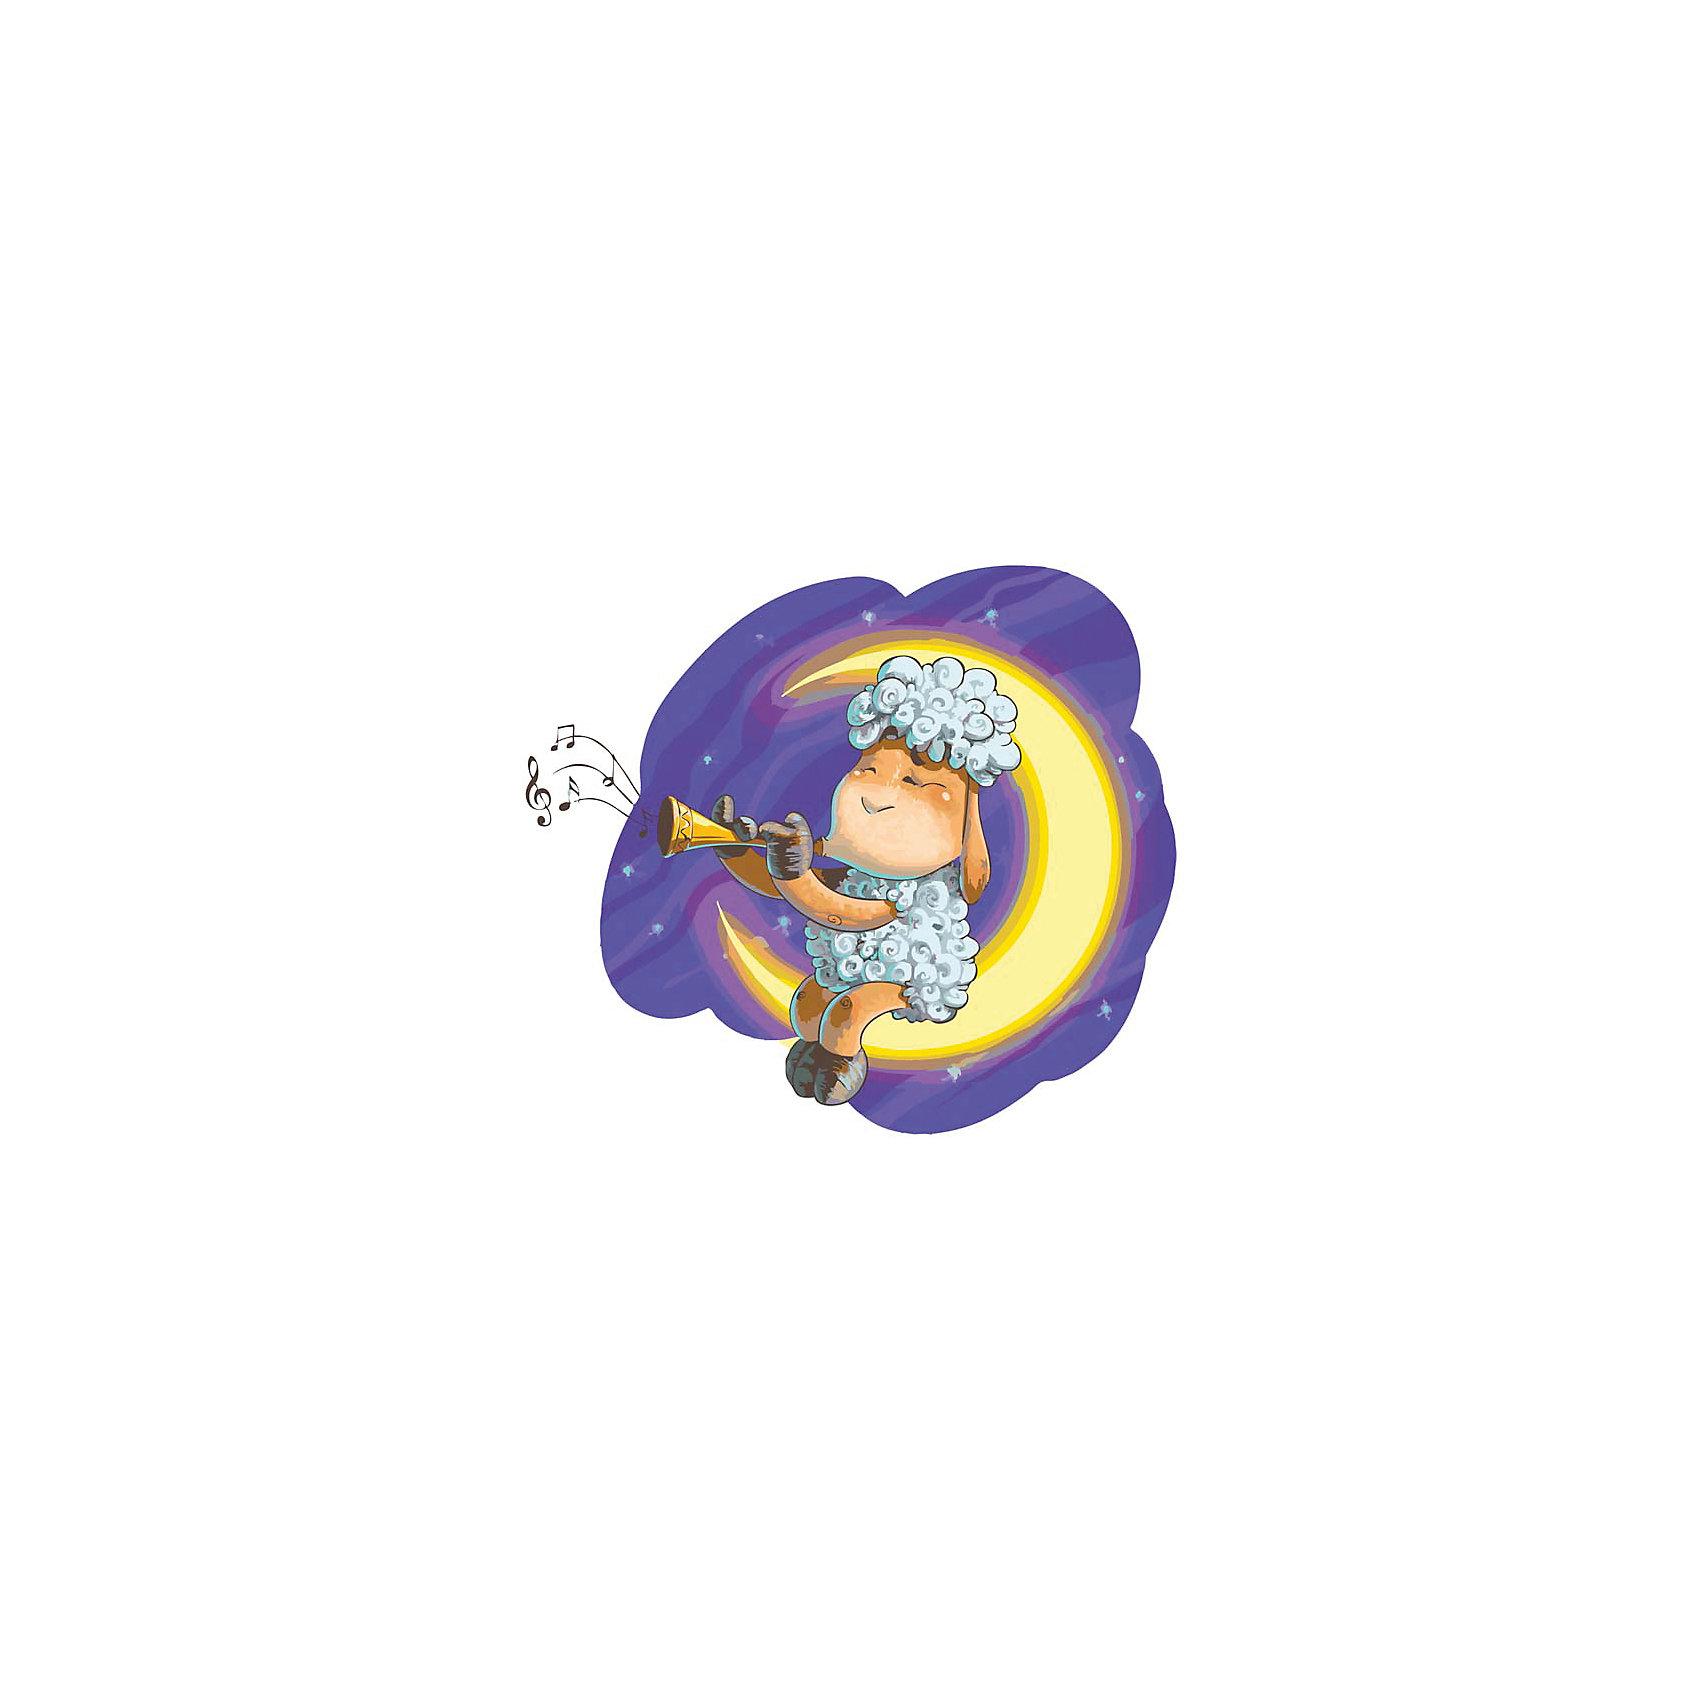 Живопись на холсте 30*40 см Овечка на ЛунеРисование<br>Характеристики:<br><br>• Предназначение: для занятий художественным творчеством<br>• Тематика: животные<br>• Пол: универсальный<br>• Материал: дерево, бумага, краски<br>• Цвет: серый, белый, фиолетовый, сиреневый, желтый и др.<br>• Комплектация: холст на подрамнике, набор акриловых красок, 3 кисти, пробный лист с нанесенным рисунком, крепление для готовой картины, инструкция<br>• Размеры (Ш*Д): 30*40 см<br>• Вес: 480 г <br>• Упаковка: картонная коробка<br><br>Живопись на холсте 30*40 см Овечка на Луне – это набор от торговой марки Белоснежка, специализирующейся на товарах для творчества и рукоделия. Комплект для живописи состоит из черно-белого холста на подрамнике из дерева, набора необходимых акриловых красок, трех кистей разного размера и пробного листа. На холст и пробный лист нанесен рисунок с указанием номера соответствующей цвету краски. Акриловые краски хорошо ложатся на холст, не растекаются и не смешиваются, что делает их идеальными для начинающих художников. Все материалы, используемые в наборе, экологичные и натуральные. Готовые наборы научат вашего ребенка сочетать цвета и оттенки, действовать по заданному образцу, будут способствовать развитию внимательности, усидчивости и зрительному восприятию. <br>Занятия художественным творчеством являются не только средством творческого и эстетического развития, но также воспитания и коррекции эмоциональных комплексов у детей. <br><br>С наборами живописи на холсте от Белоснежки можно создать свою галерею картин или подготовить подарок родным и близким к празднованию торжества.<br><br>Живопись на холсте 30*40 см Овечка на Луне можно купить в нашем интернет-магазине.<br><br>Ширина мм: 410<br>Глубина мм: 310<br>Высота мм: 25<br>Вес г: 567<br>Возраст от месяцев: 72<br>Возраст до месяцев: 144<br>Пол: Унисекс<br>Возраст: Детский<br>SKU: 5089696